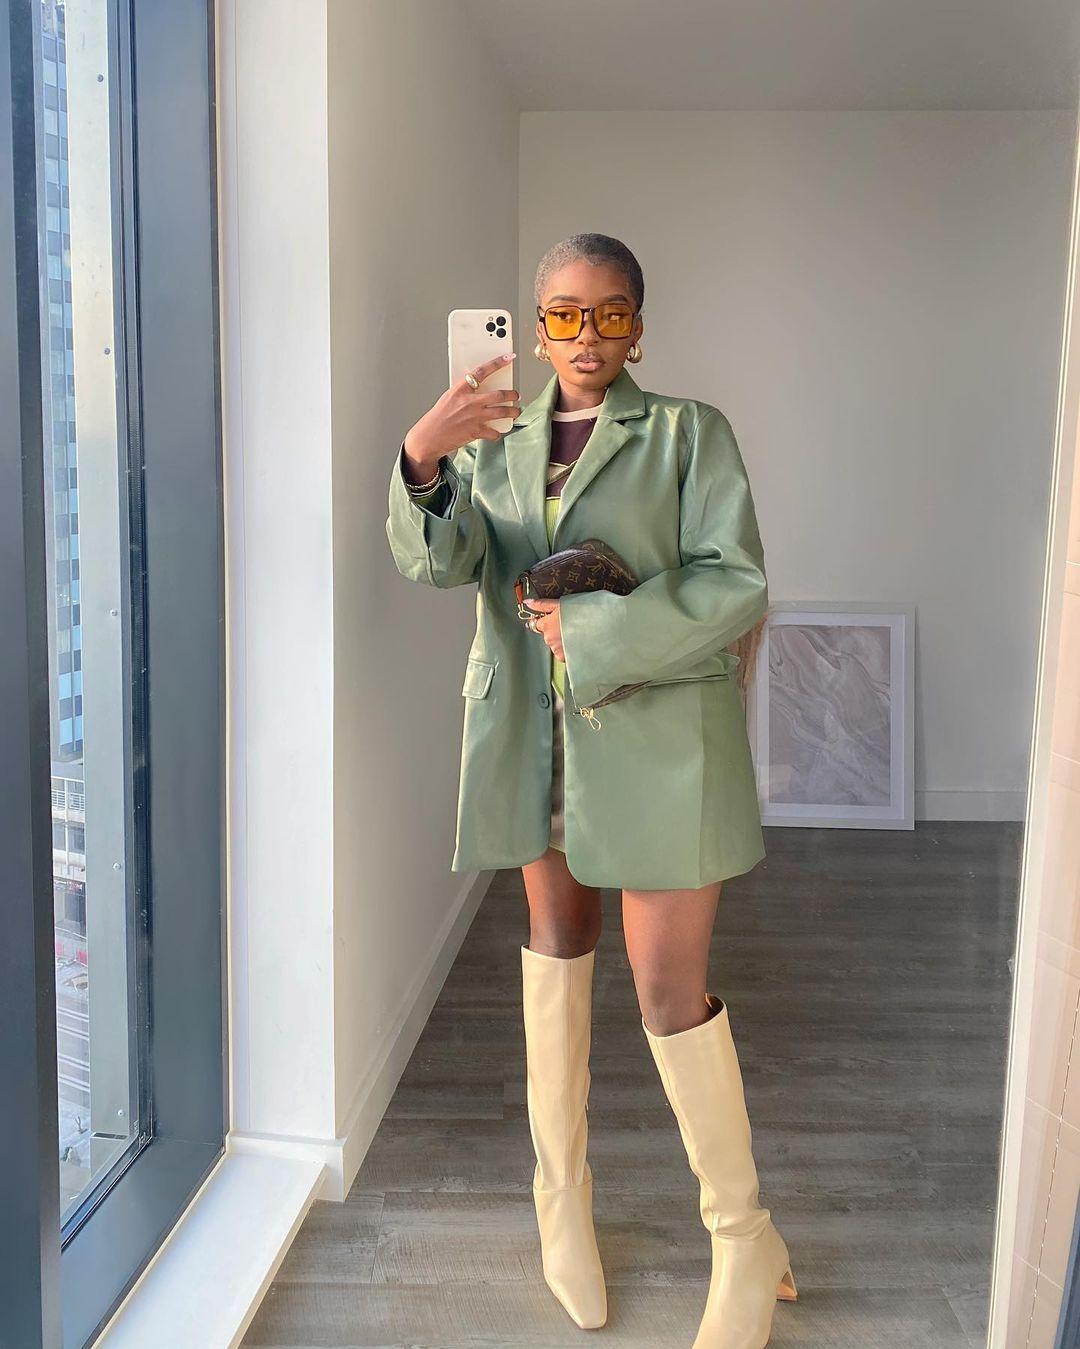 Mulher usando casaco verde de couro com bota bege de bico quadrado que vai até o joelho e óculos de sol de lentes alaranjadas. Ela está em pé em frete a um espelho, segurando o celular com uma das mãos.